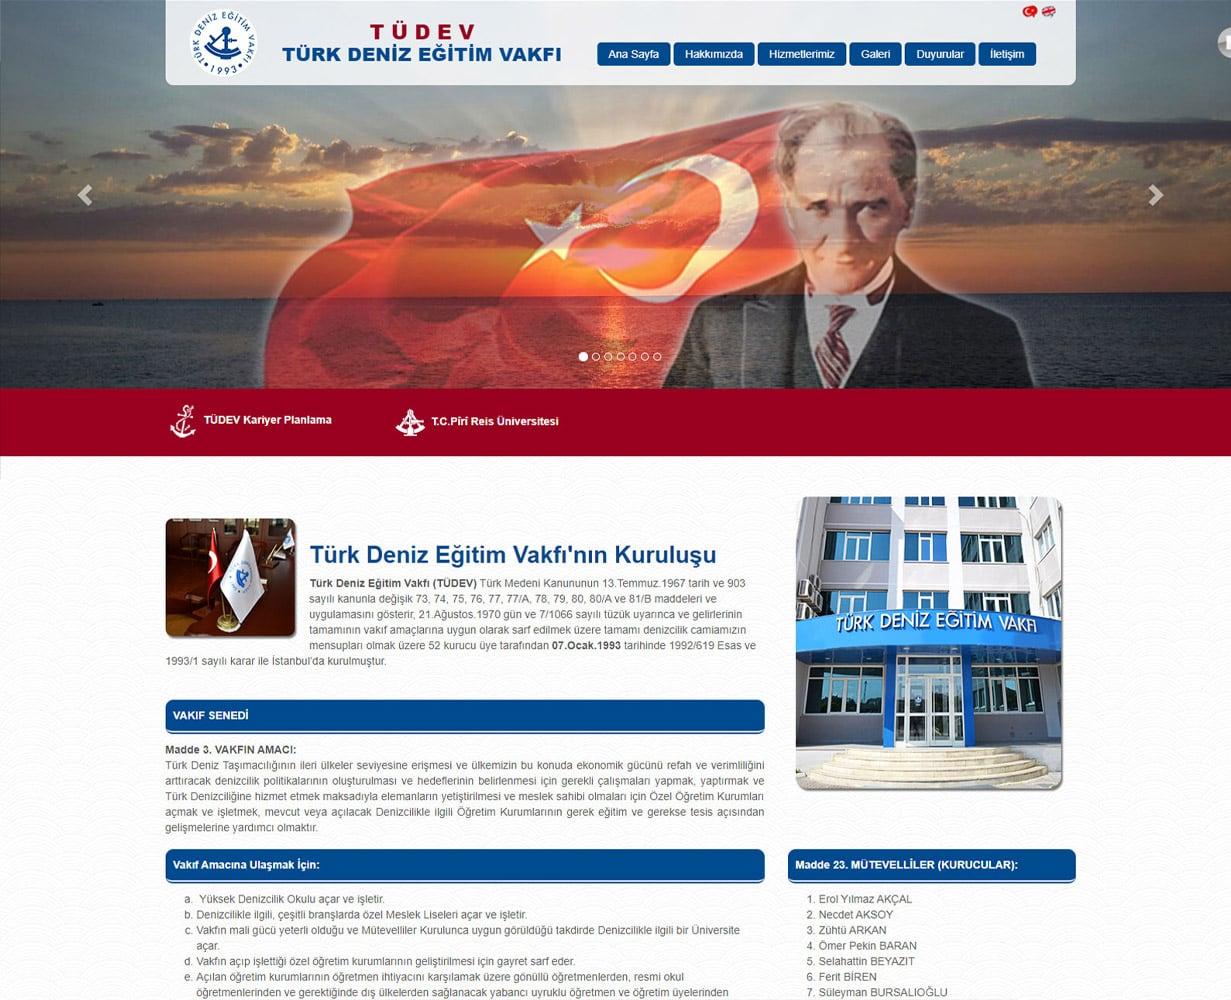 Türk Deniz Ticaret Vakfı